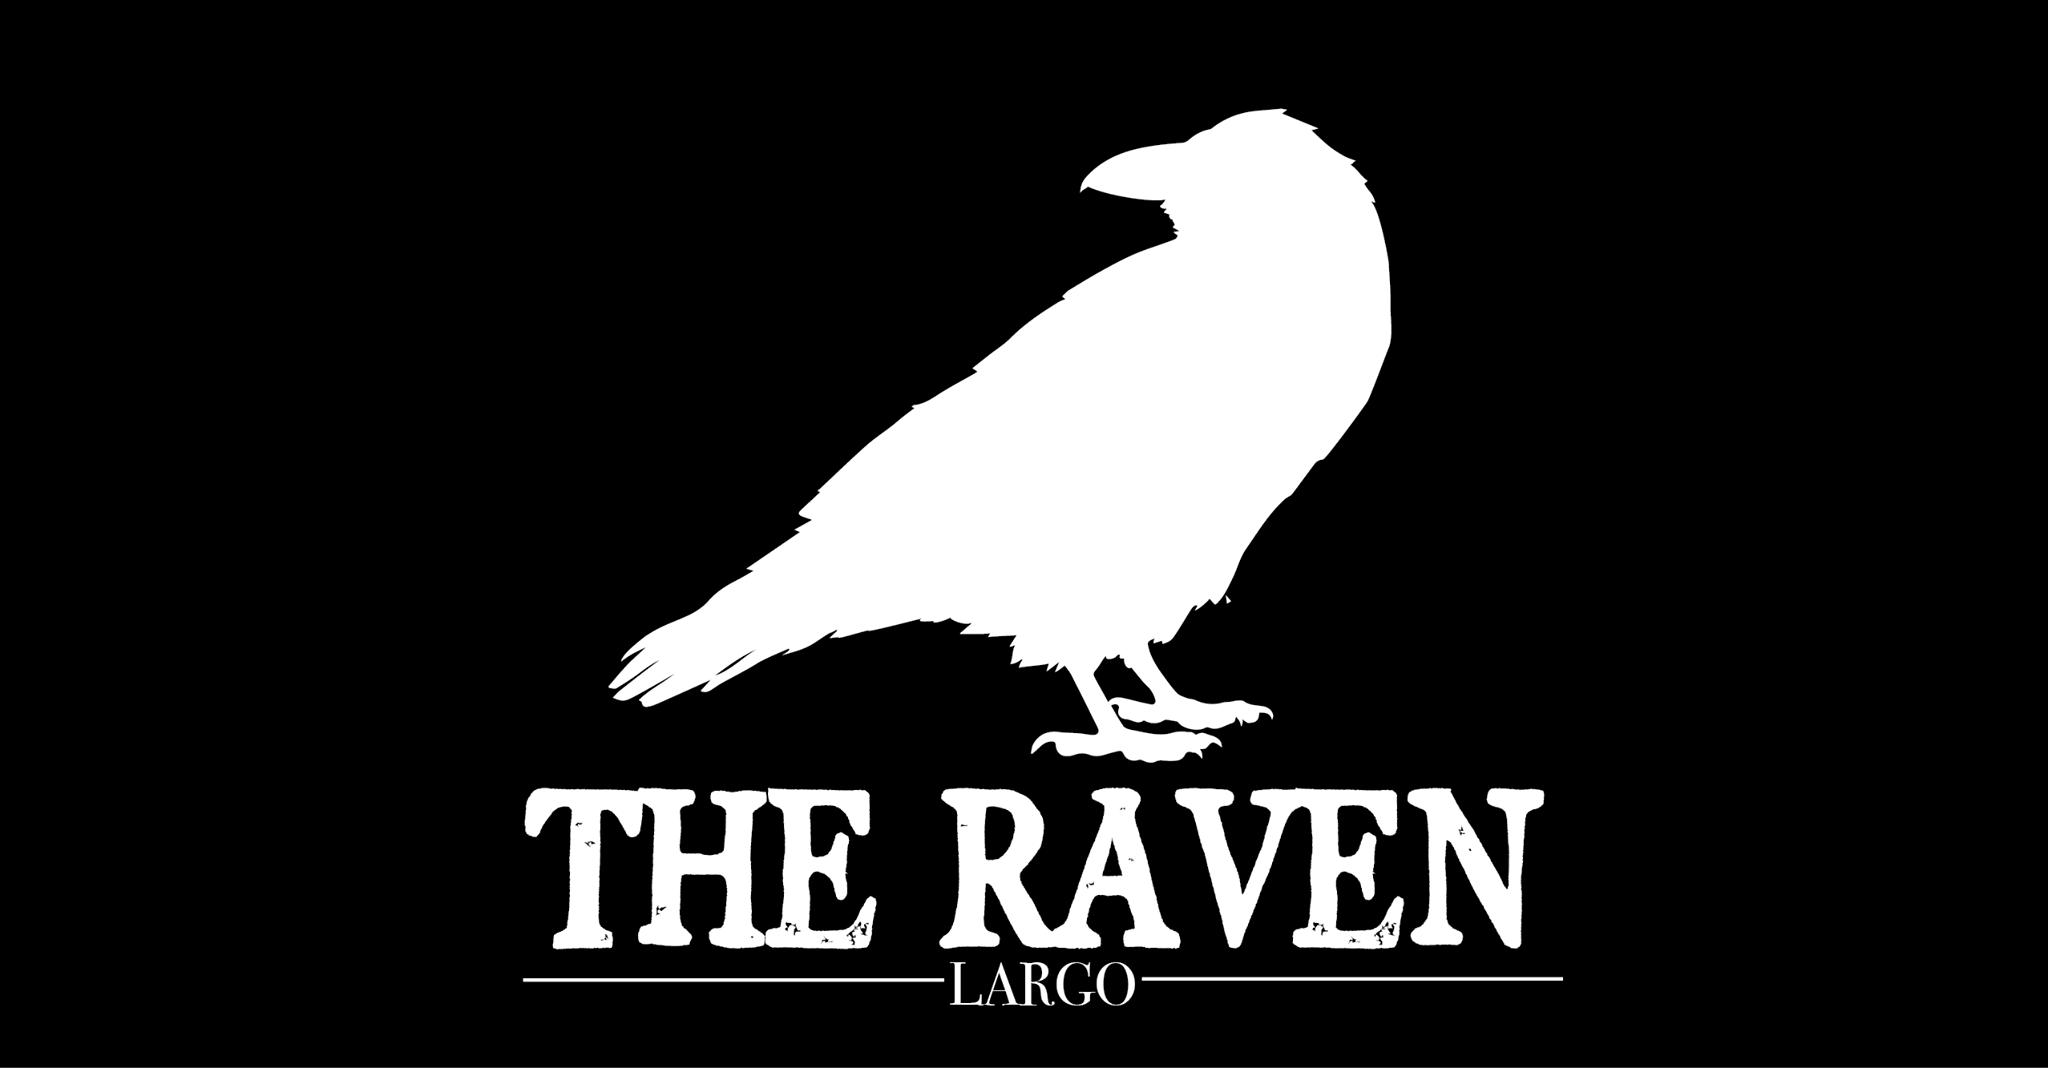 The Raven Largo